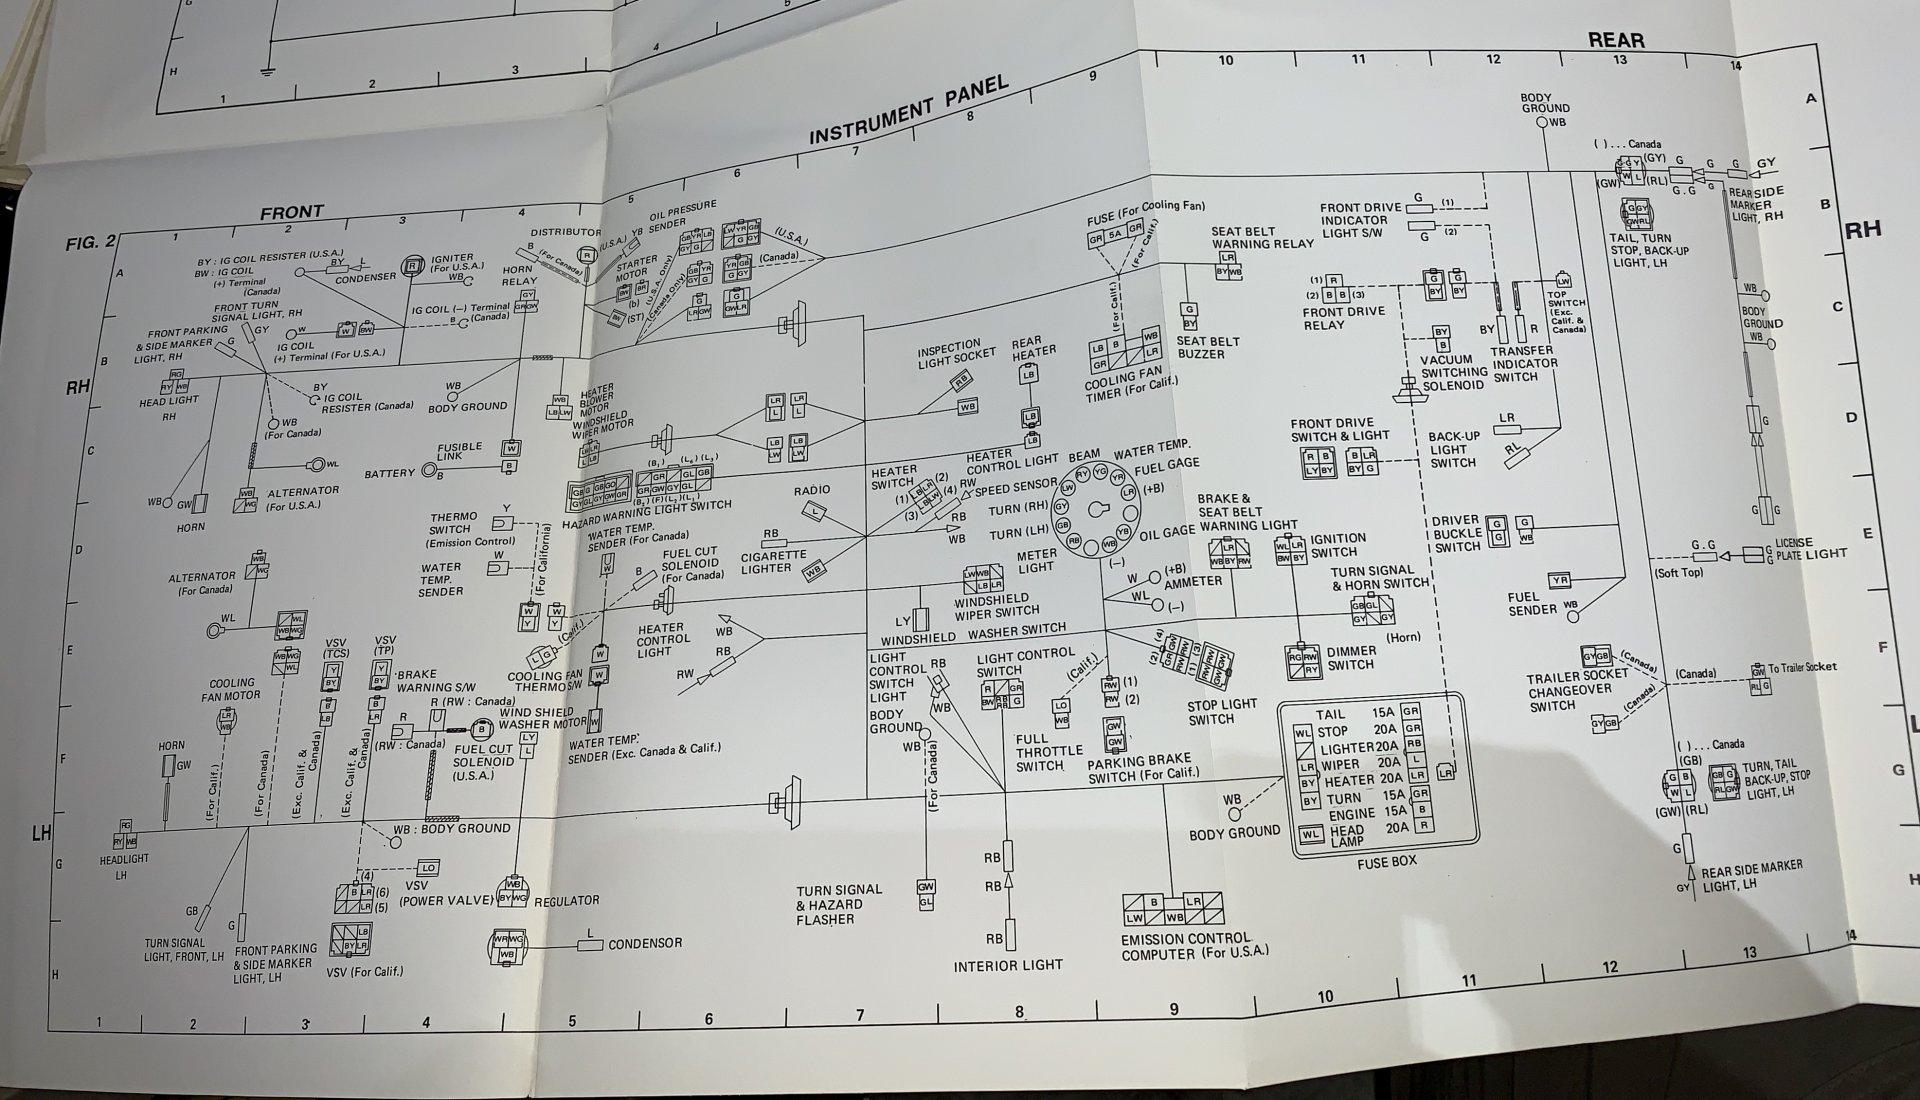 DBBC959F-74A4-4576-882C-D81C7DE82609.jpeg